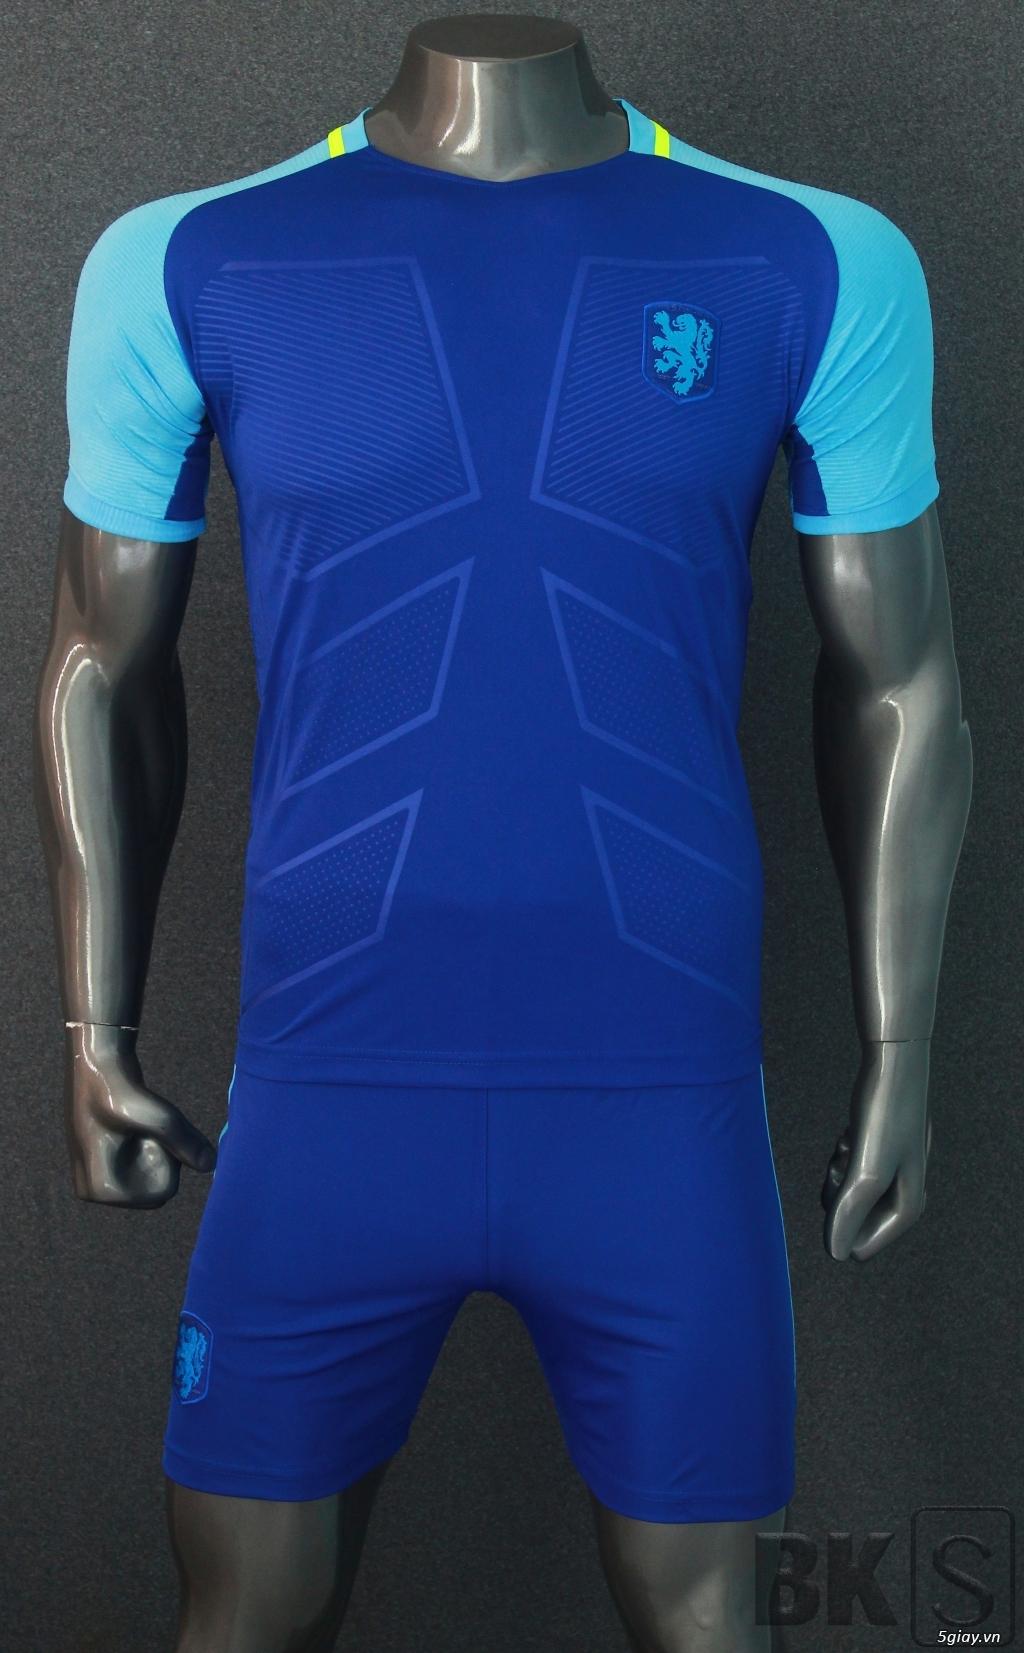 Áo bóng đá HP-địa chỉ gốc sản xuất trang phục thể thao số 1 Việt Nam - 40